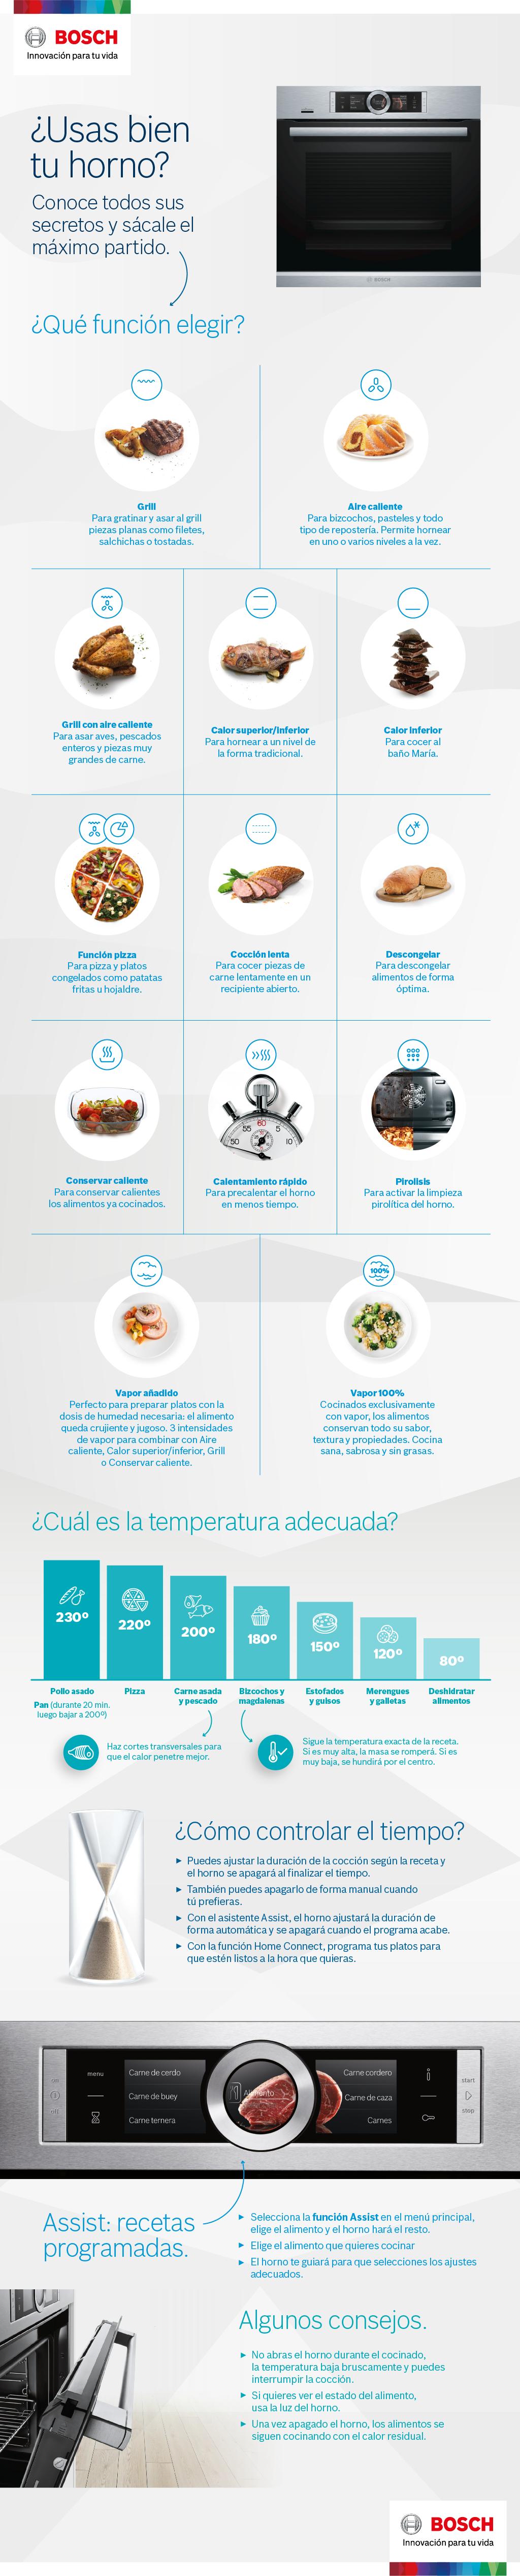 Trucos y consejos para el uso del horno Bosch y cocinar bien.